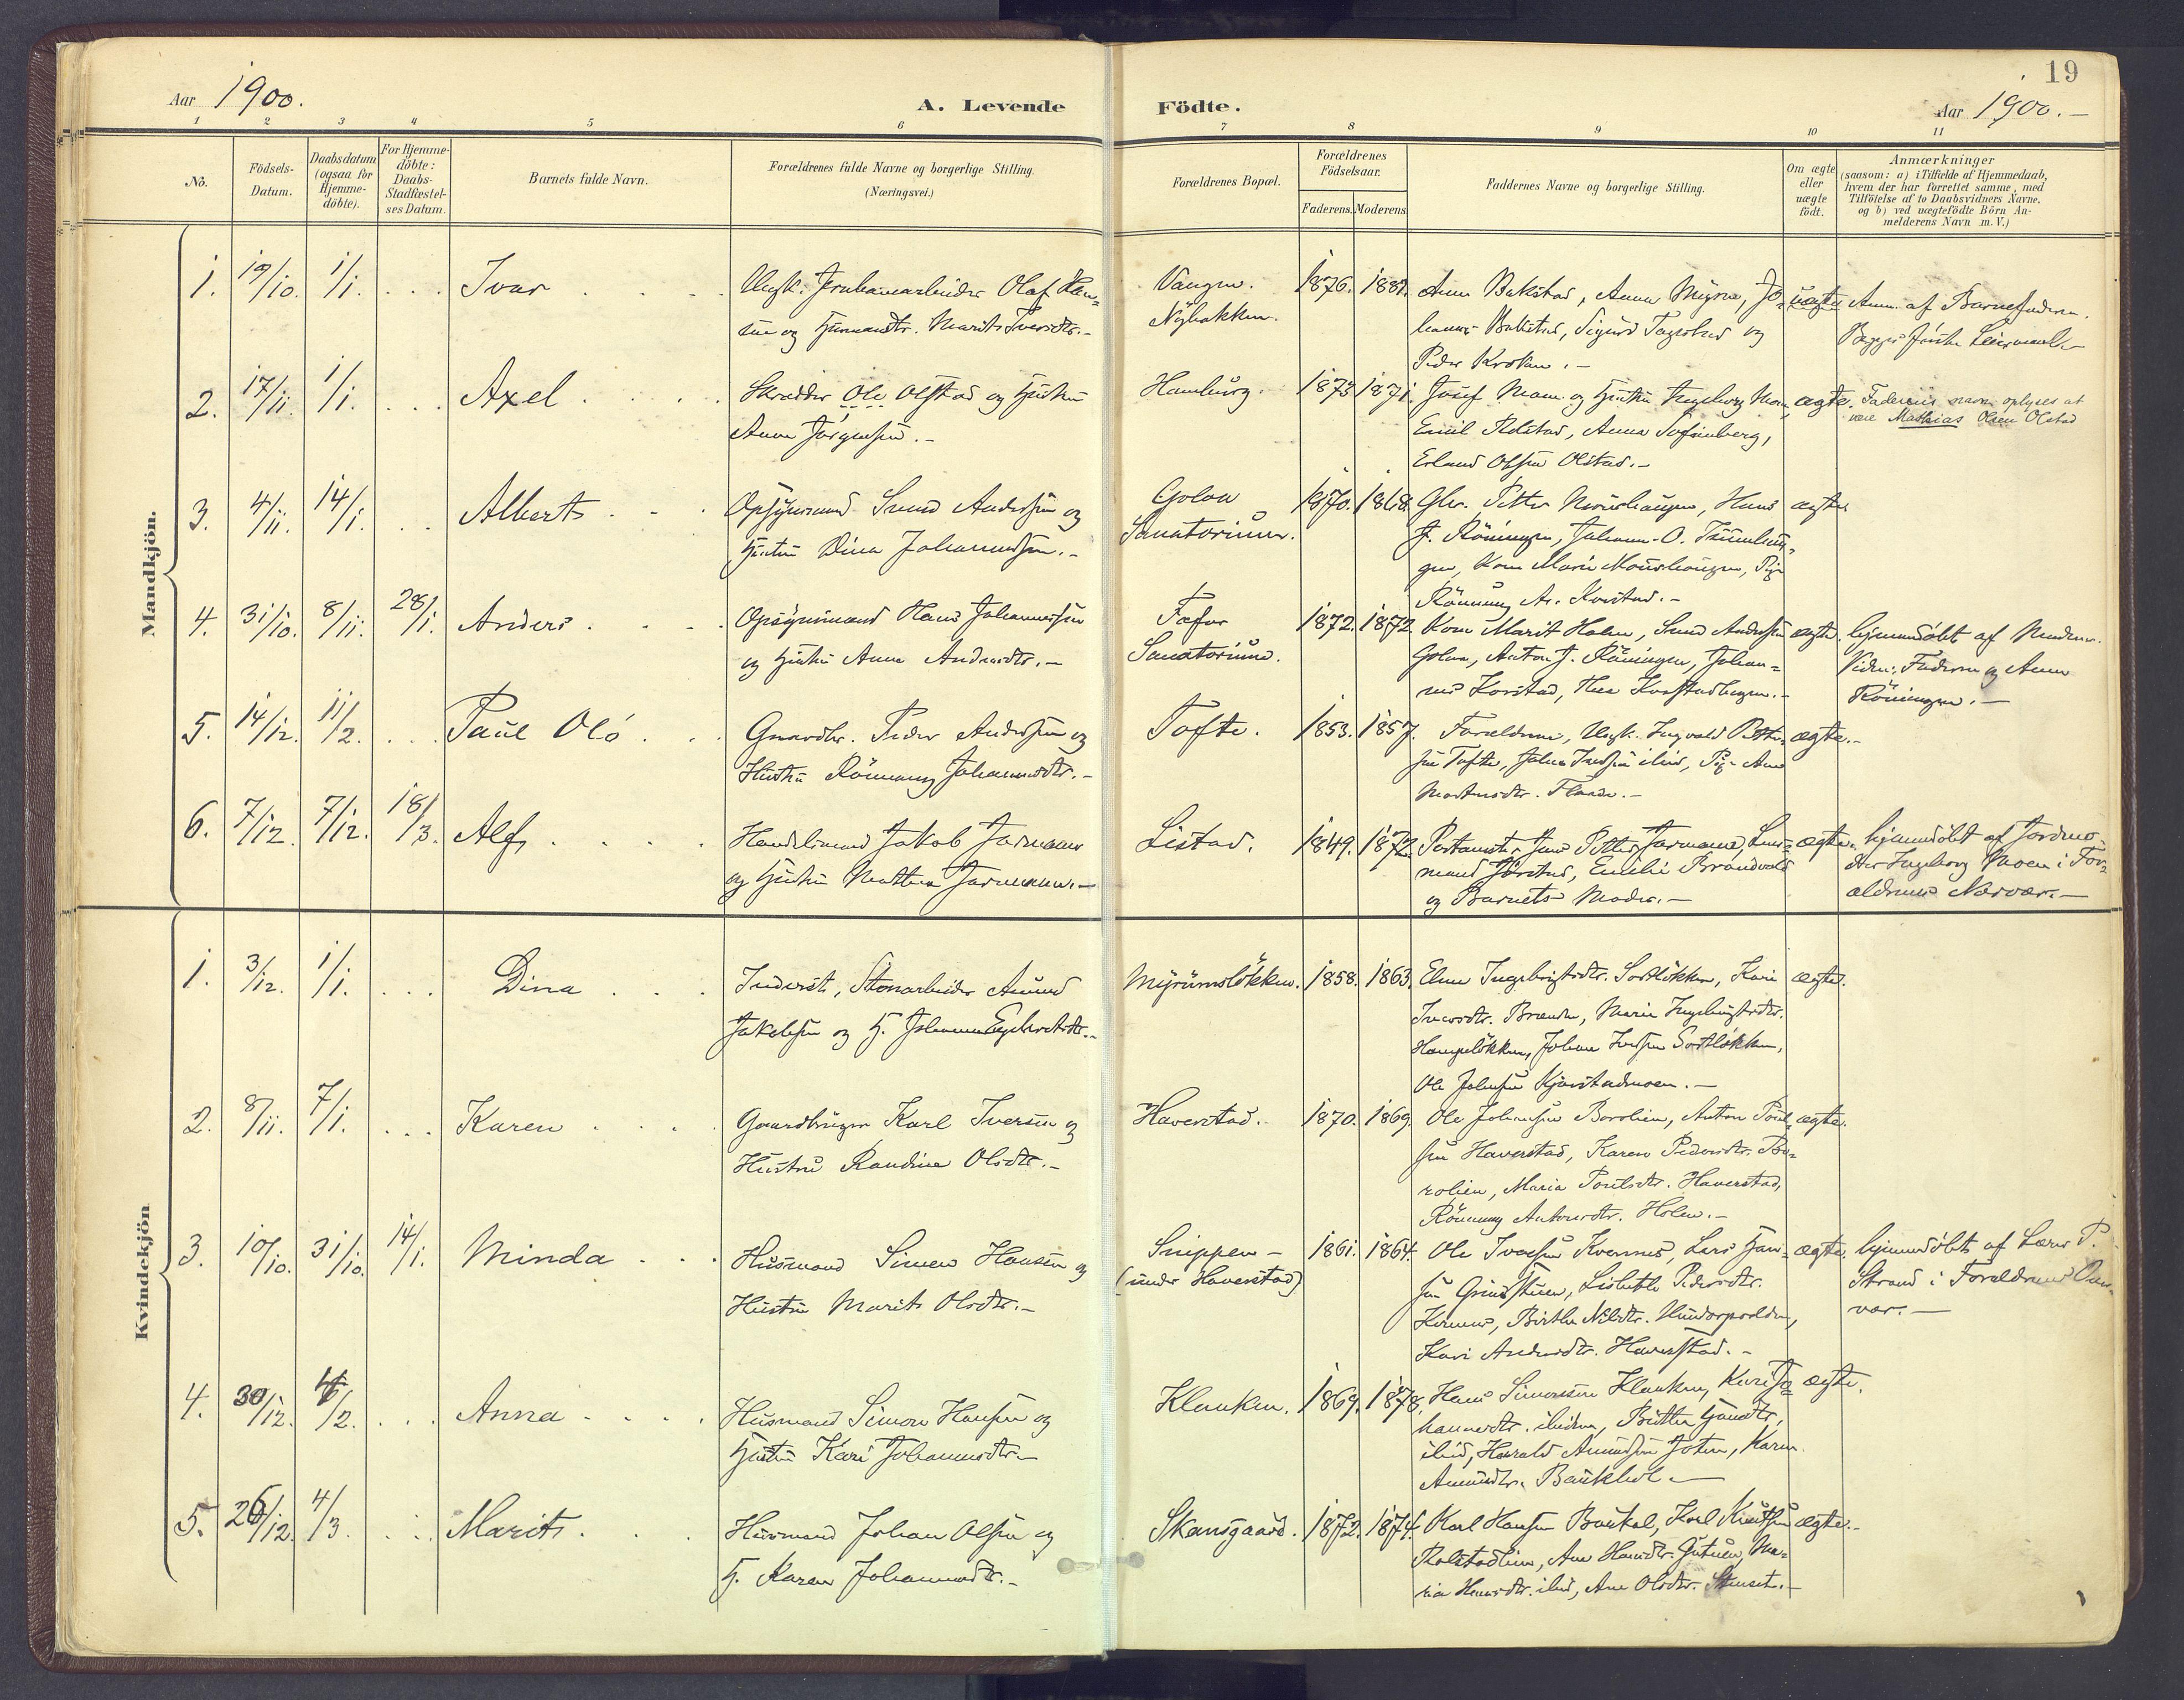 SAH, Sør-Fron prestekontor, H/Ha/Haa/L0004: Ministerialbok nr. 4, 1898-1919, s. 19